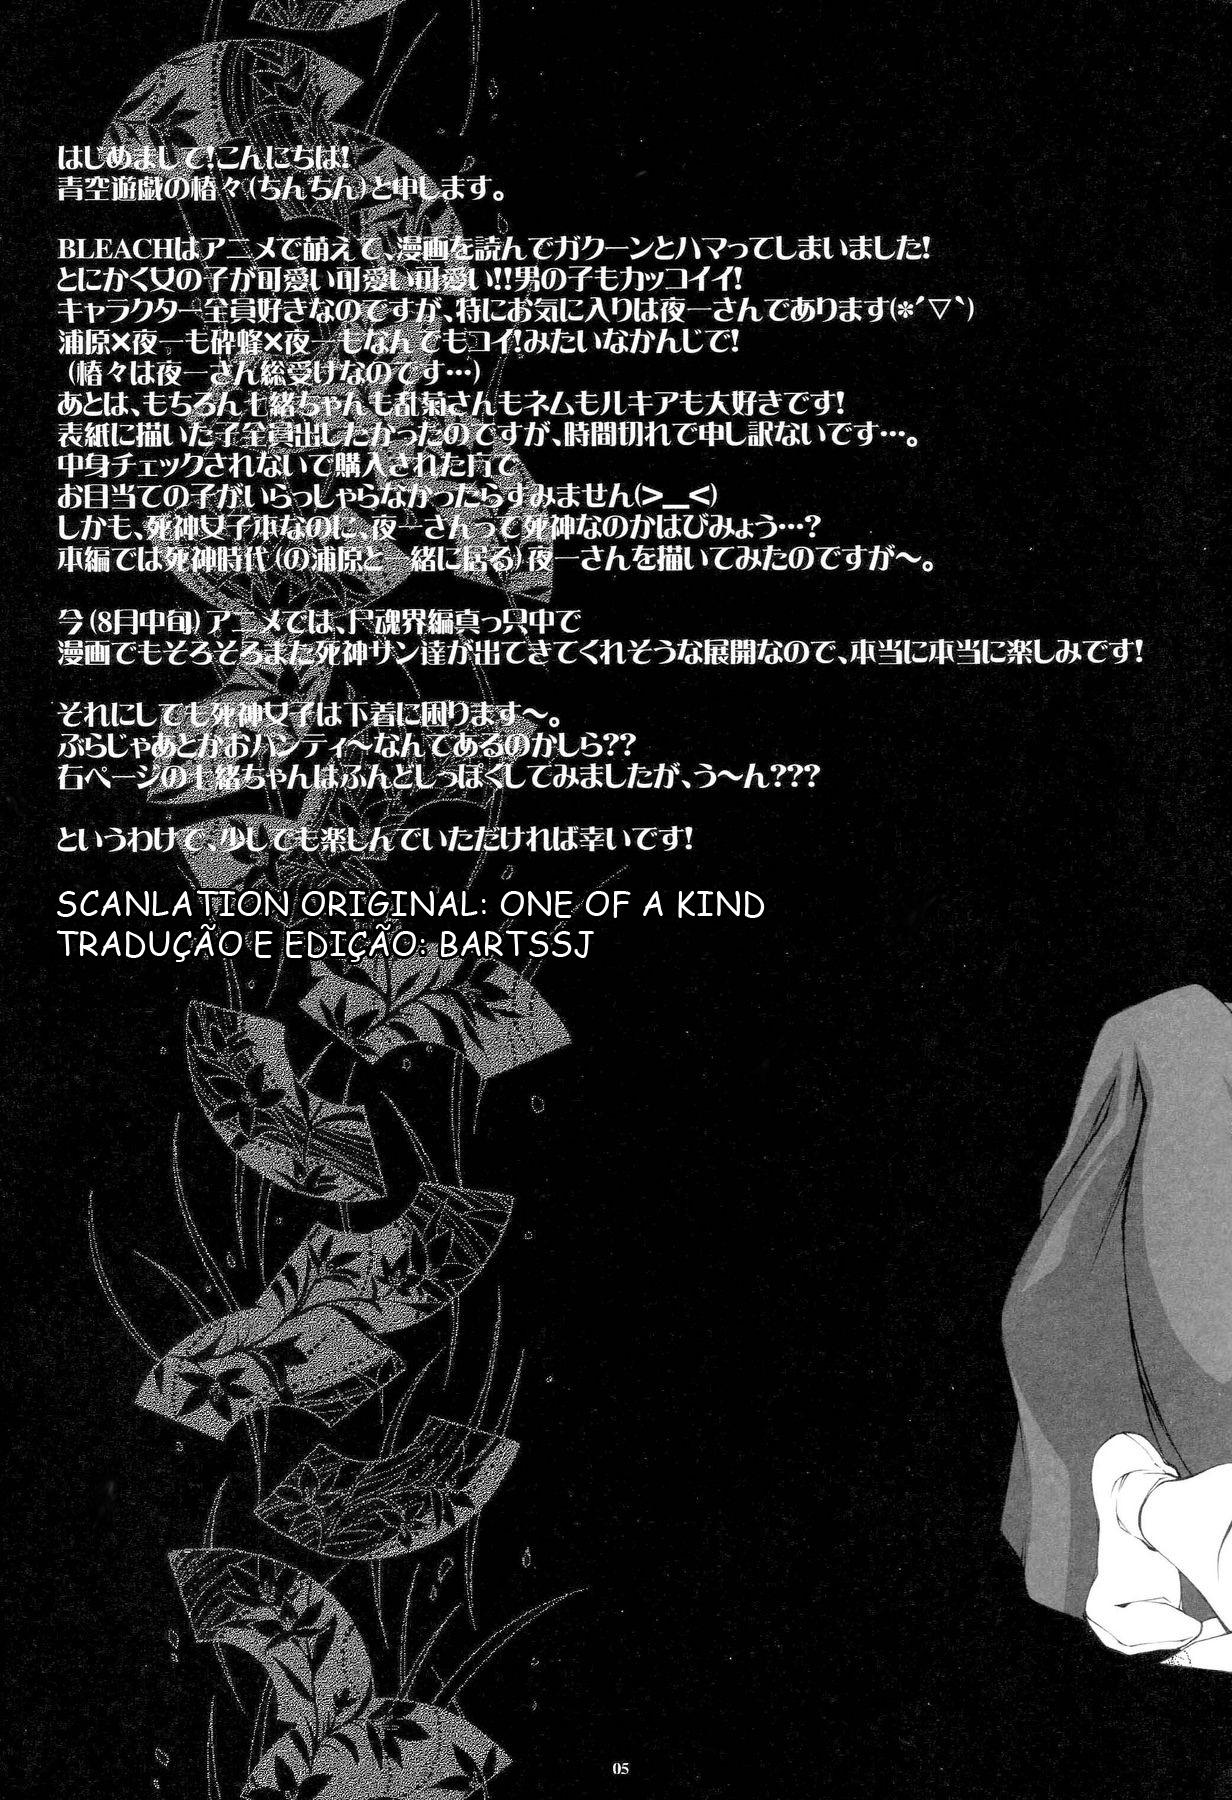 Senhoritas Shinigami Breach Hentai - Foto 4